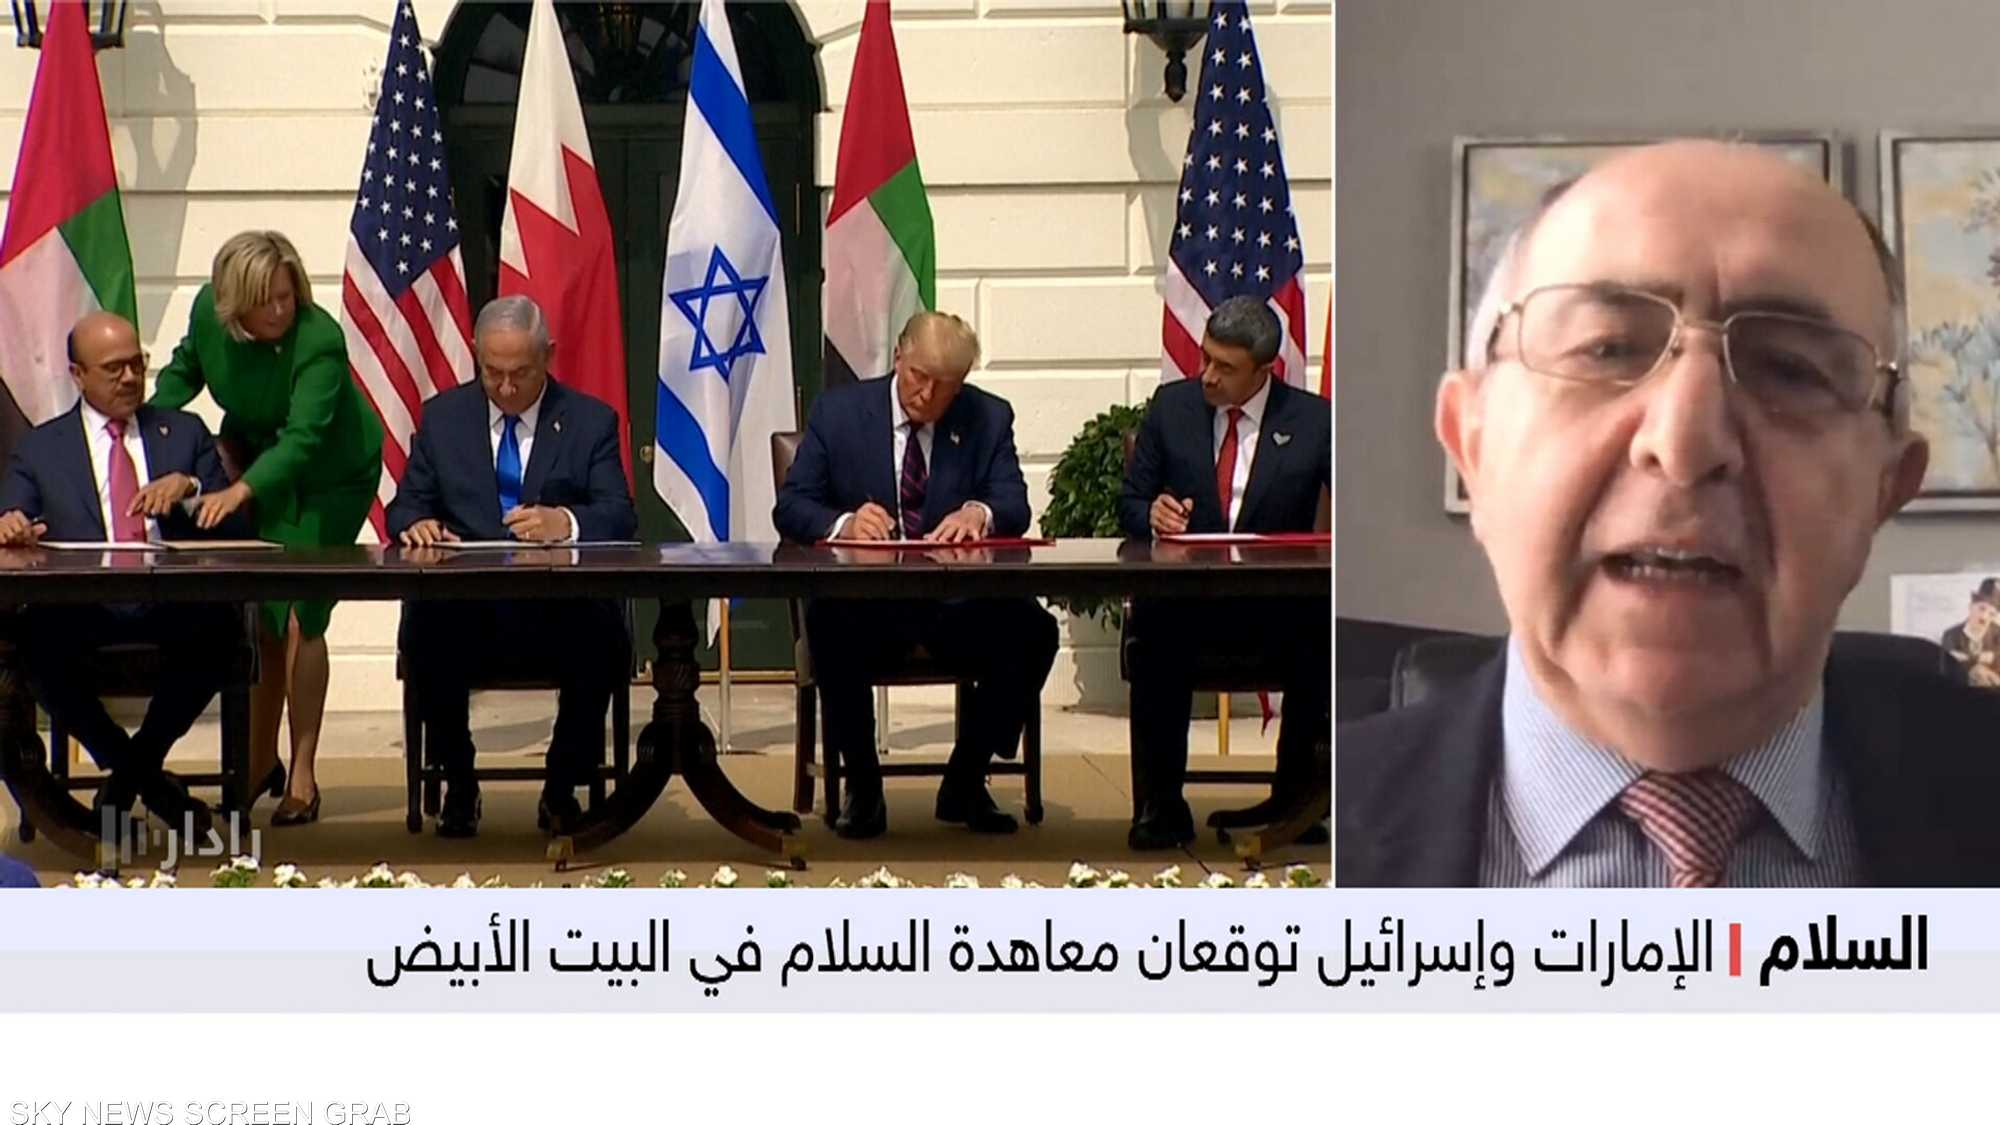 ترامب: الإمارات والبحرين وإسرائيل ستتبادل السفارات